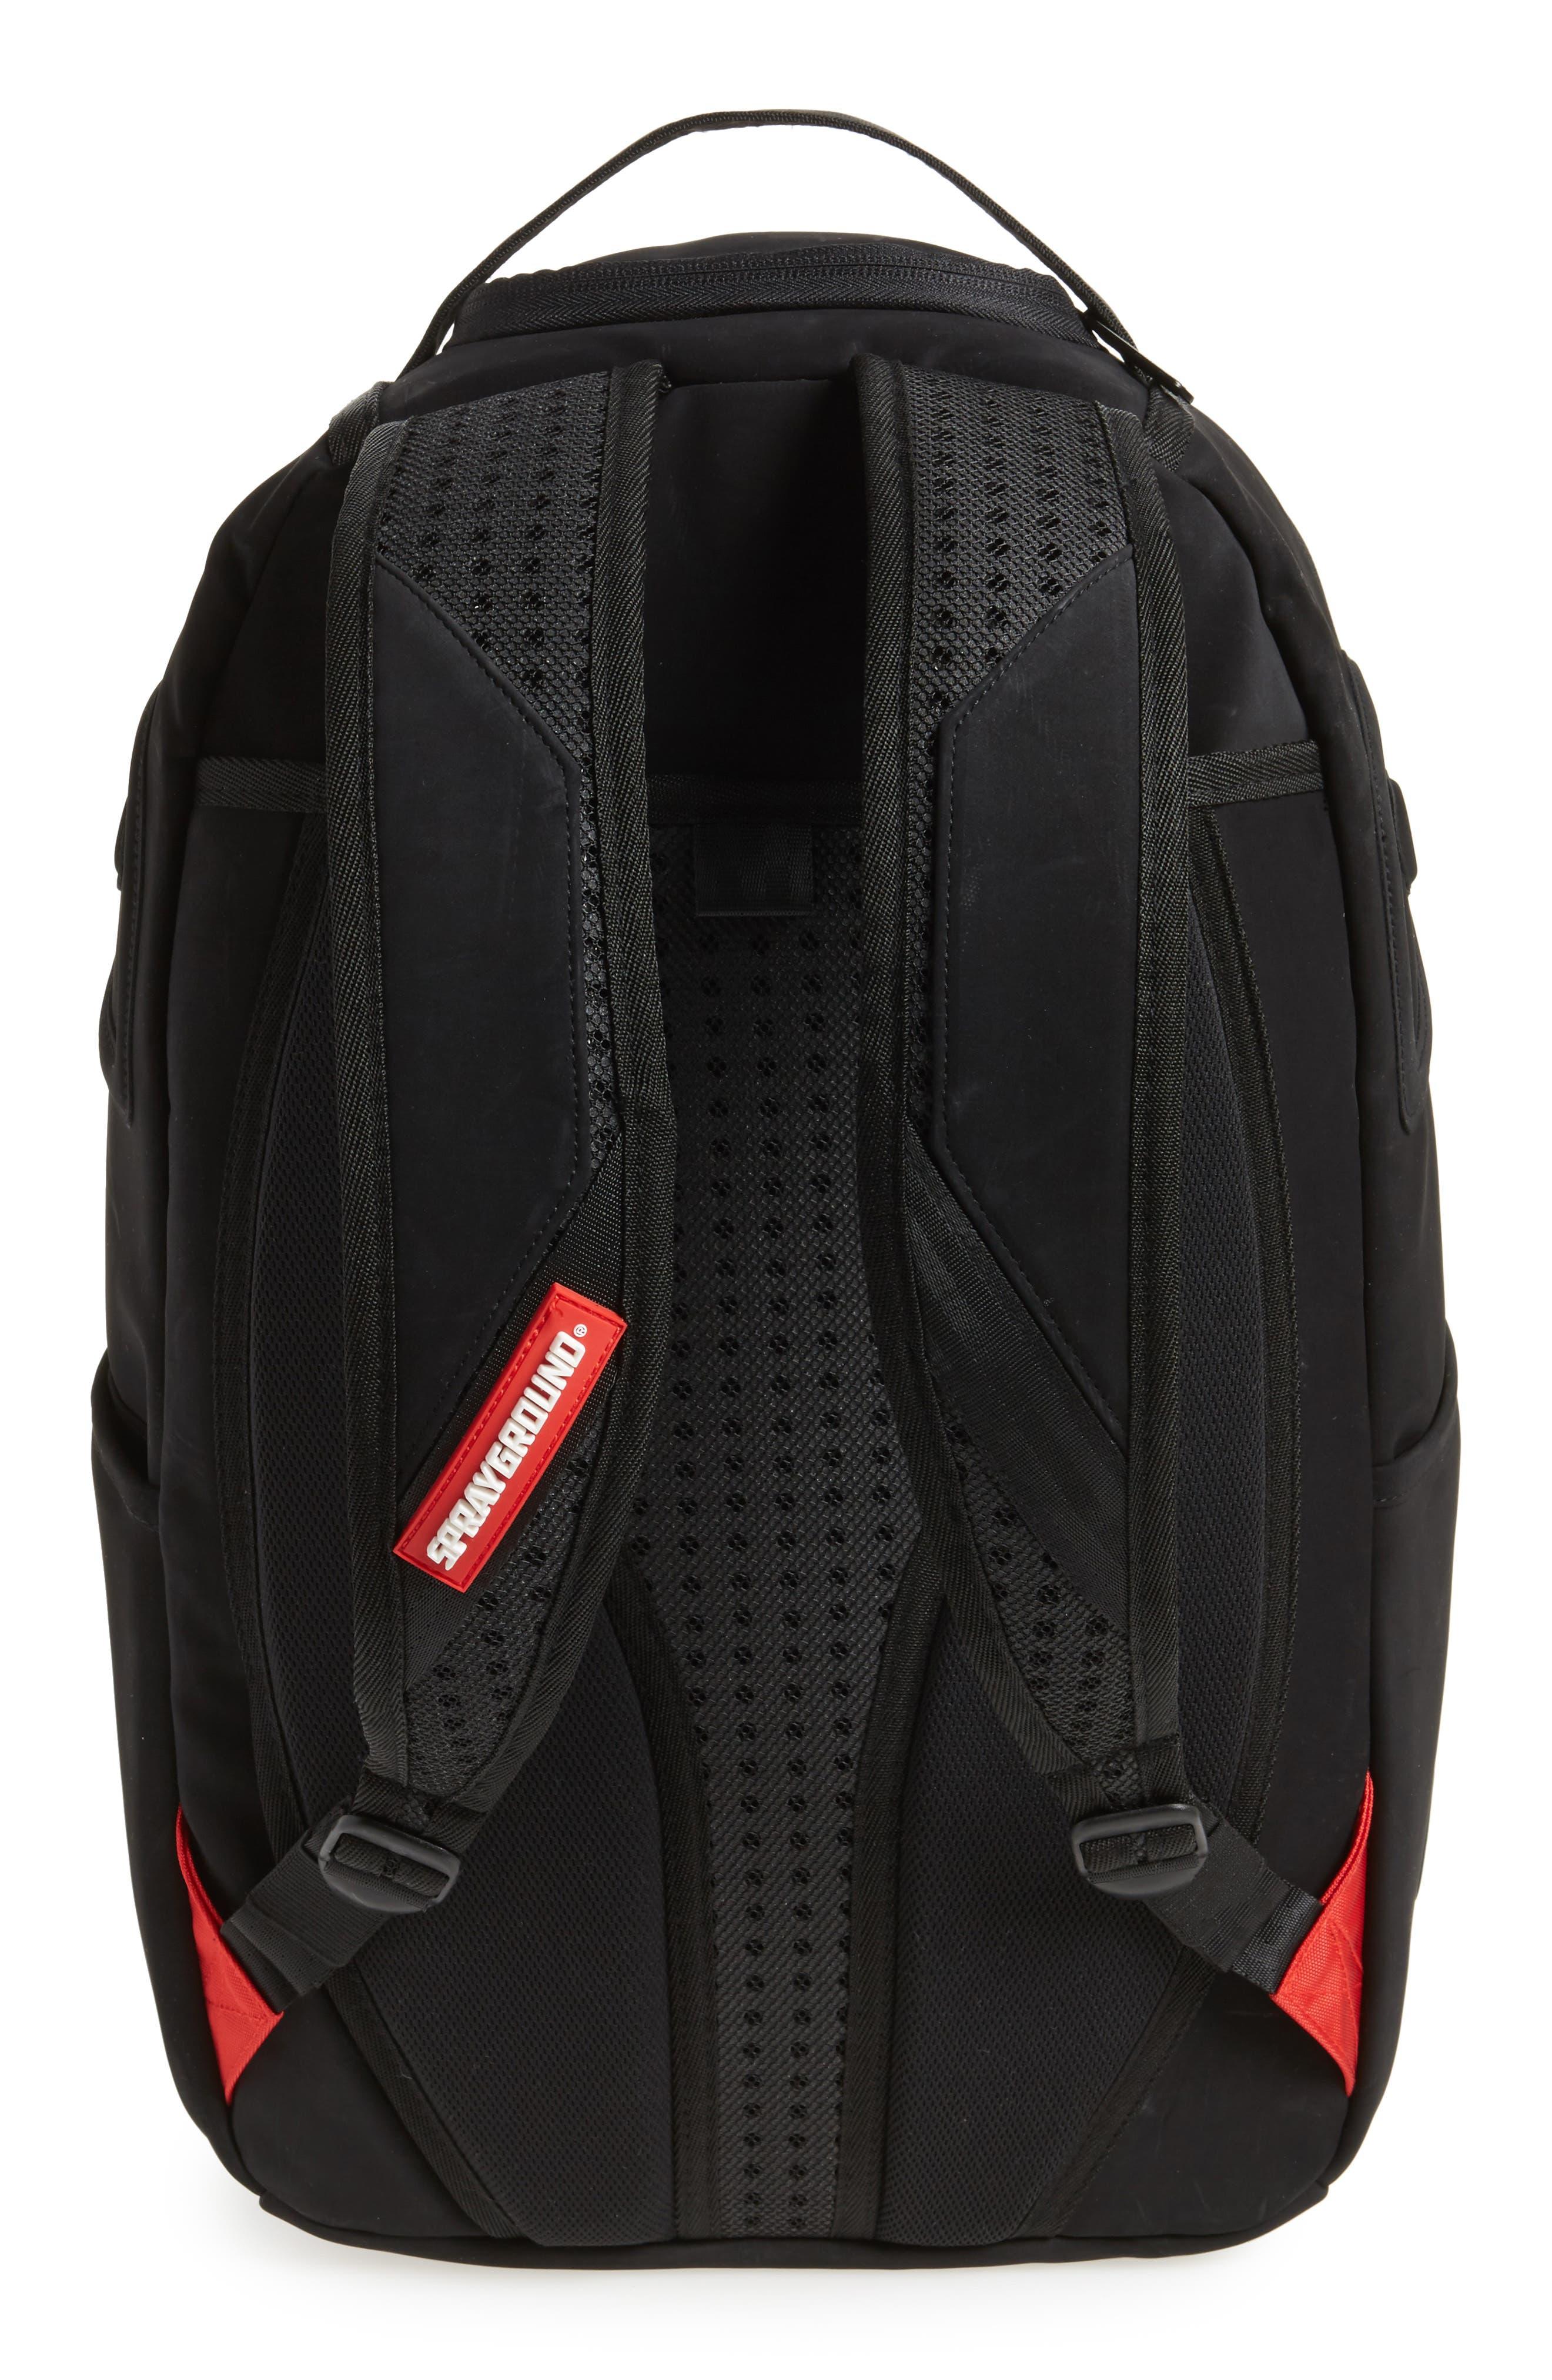 Ghost Shark Backpack,                             Alternate thumbnail 3, color,                             Black